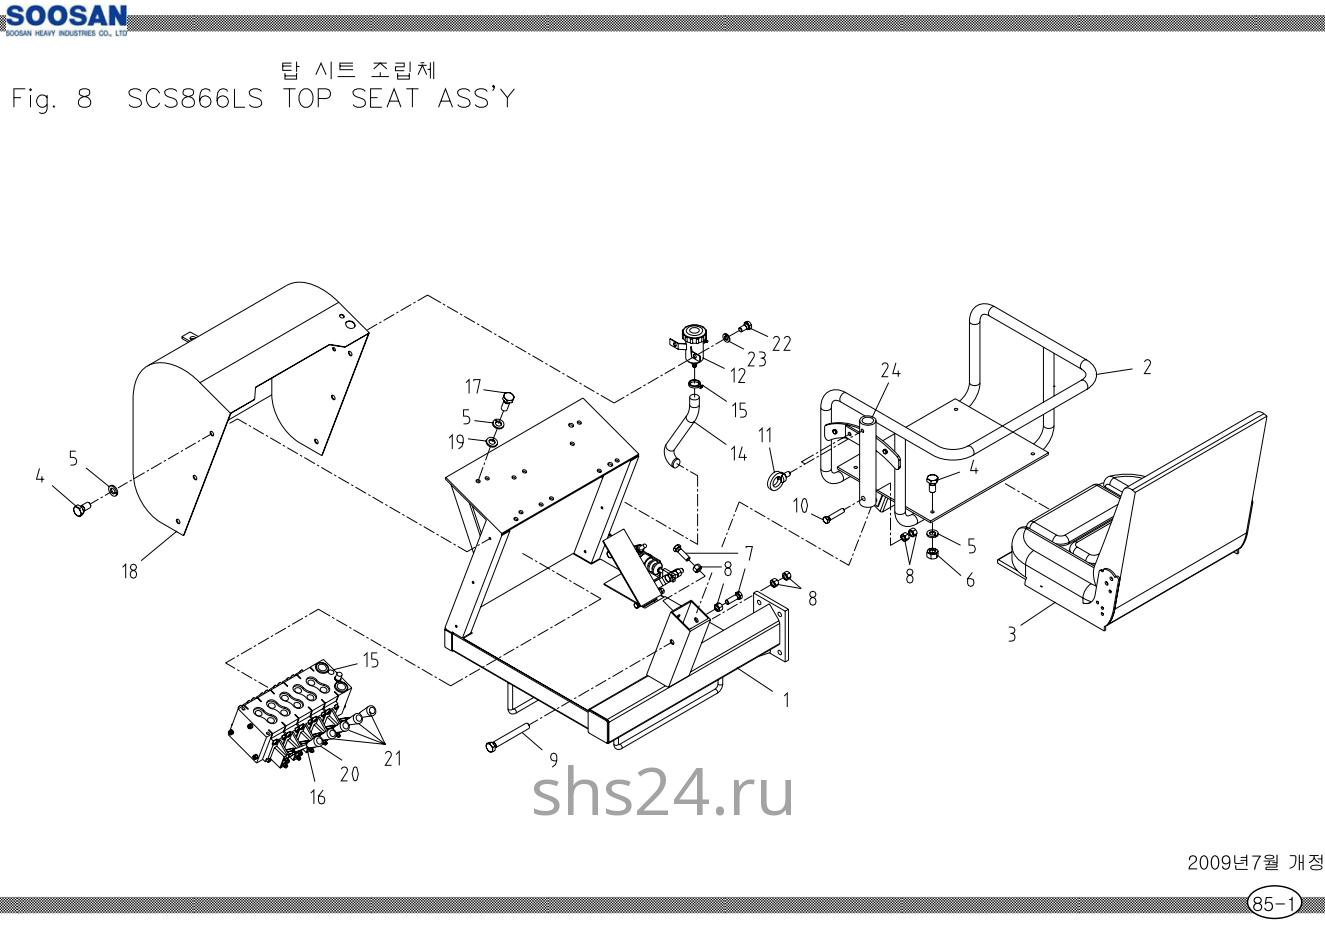 Верхний пост, кресло оператора Soosan SCS 866, 867